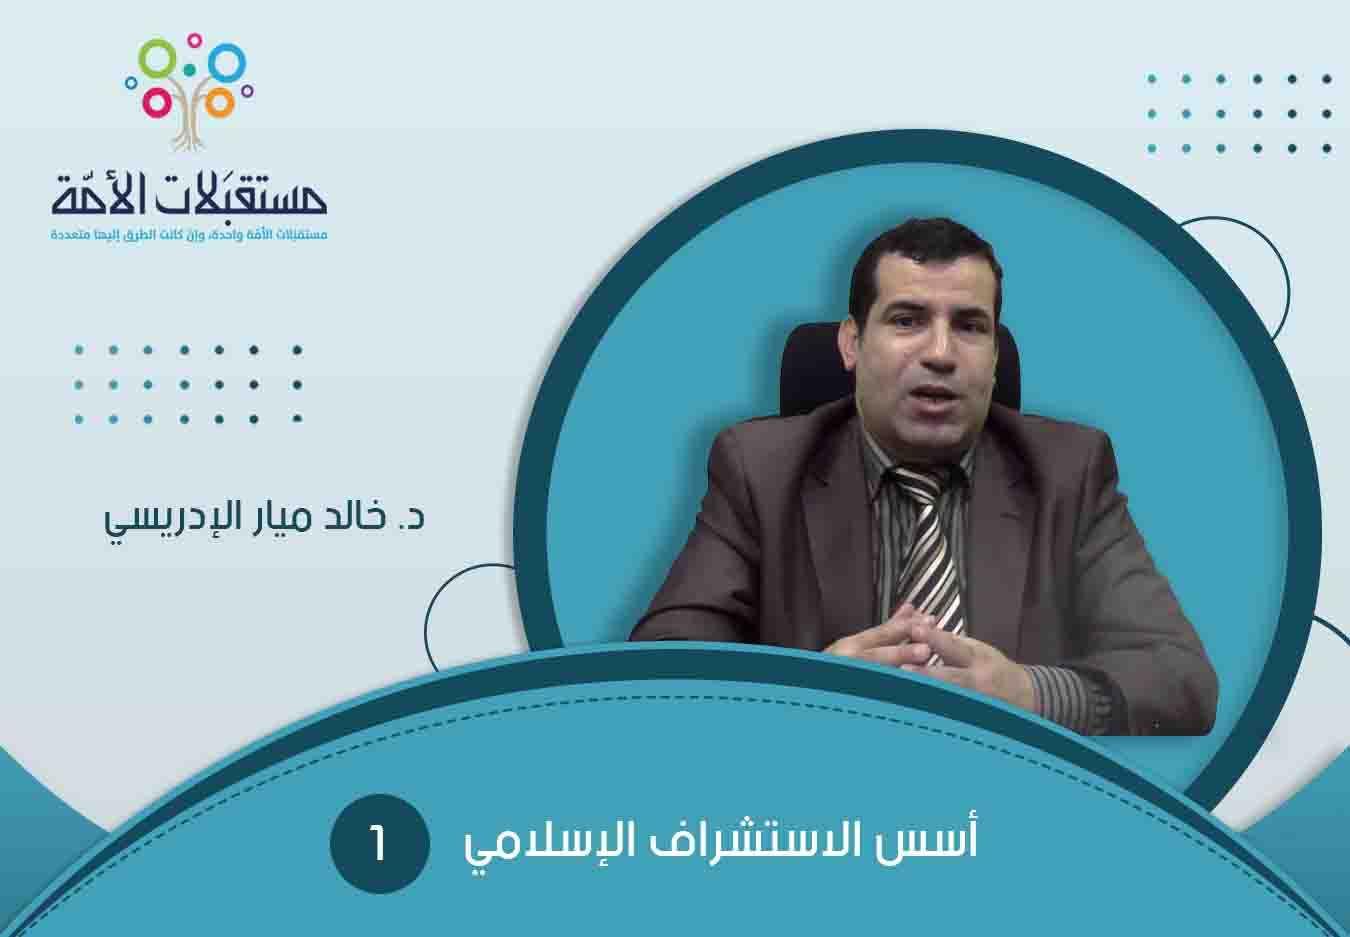 أسس الاستشراف الإسلامي (1) | د. خالد ميار الإدريسي